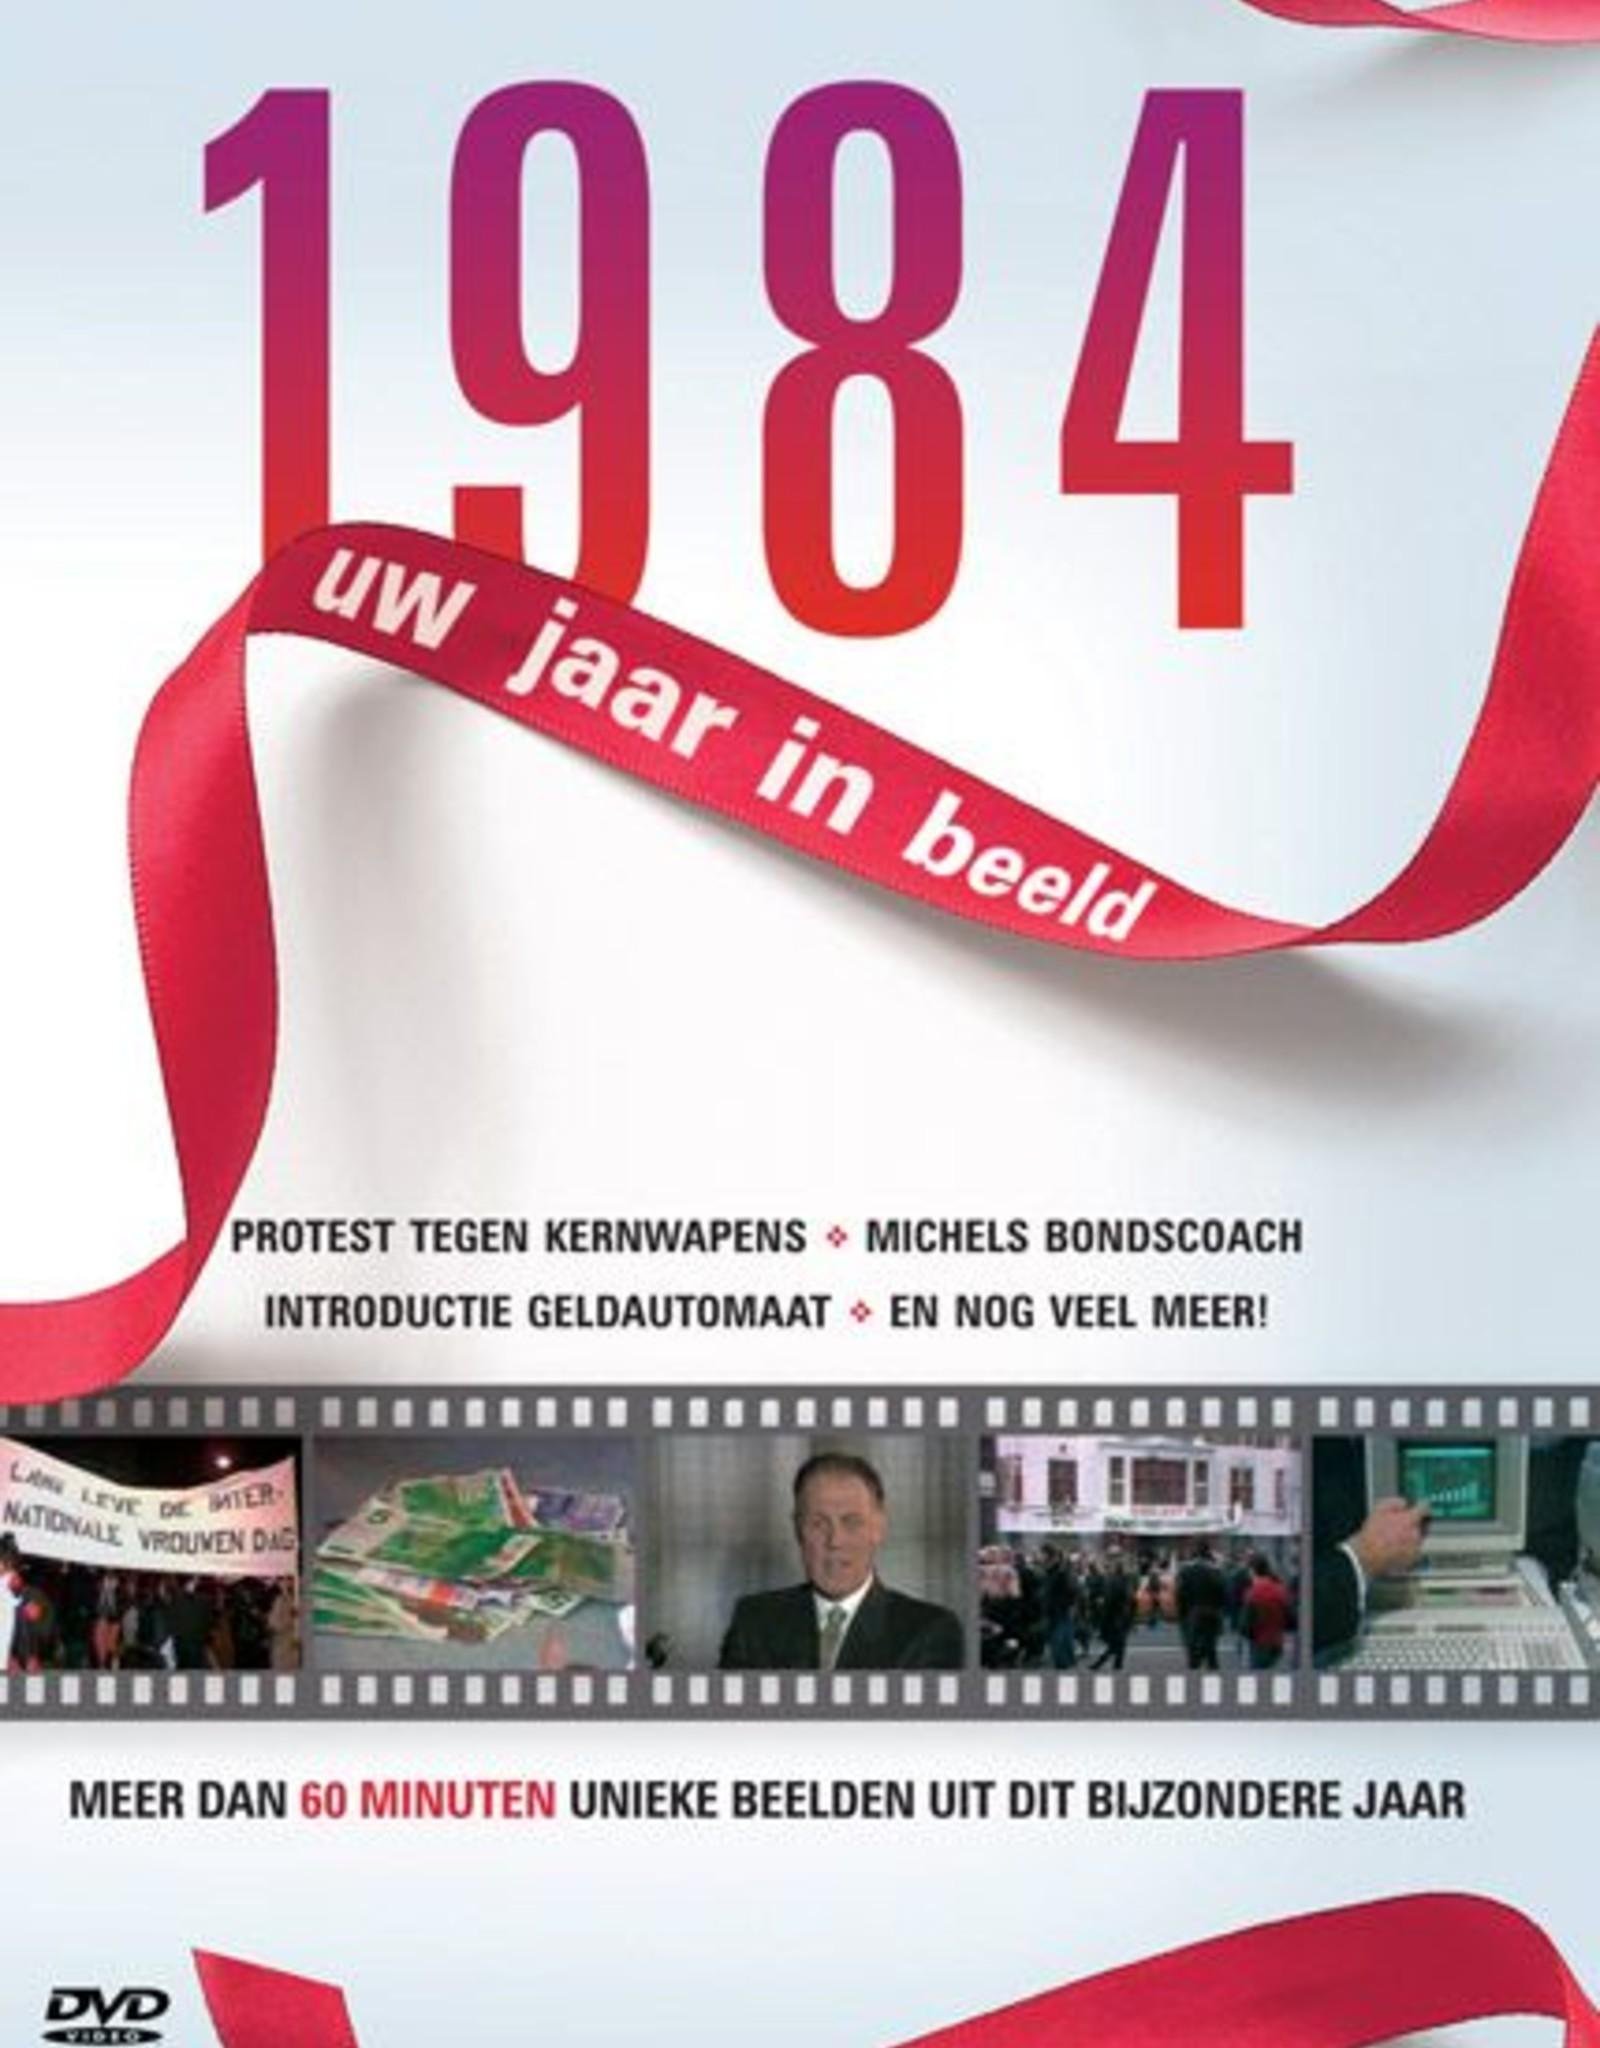 Just Entertainment Uw Jaar in Beeld 1984